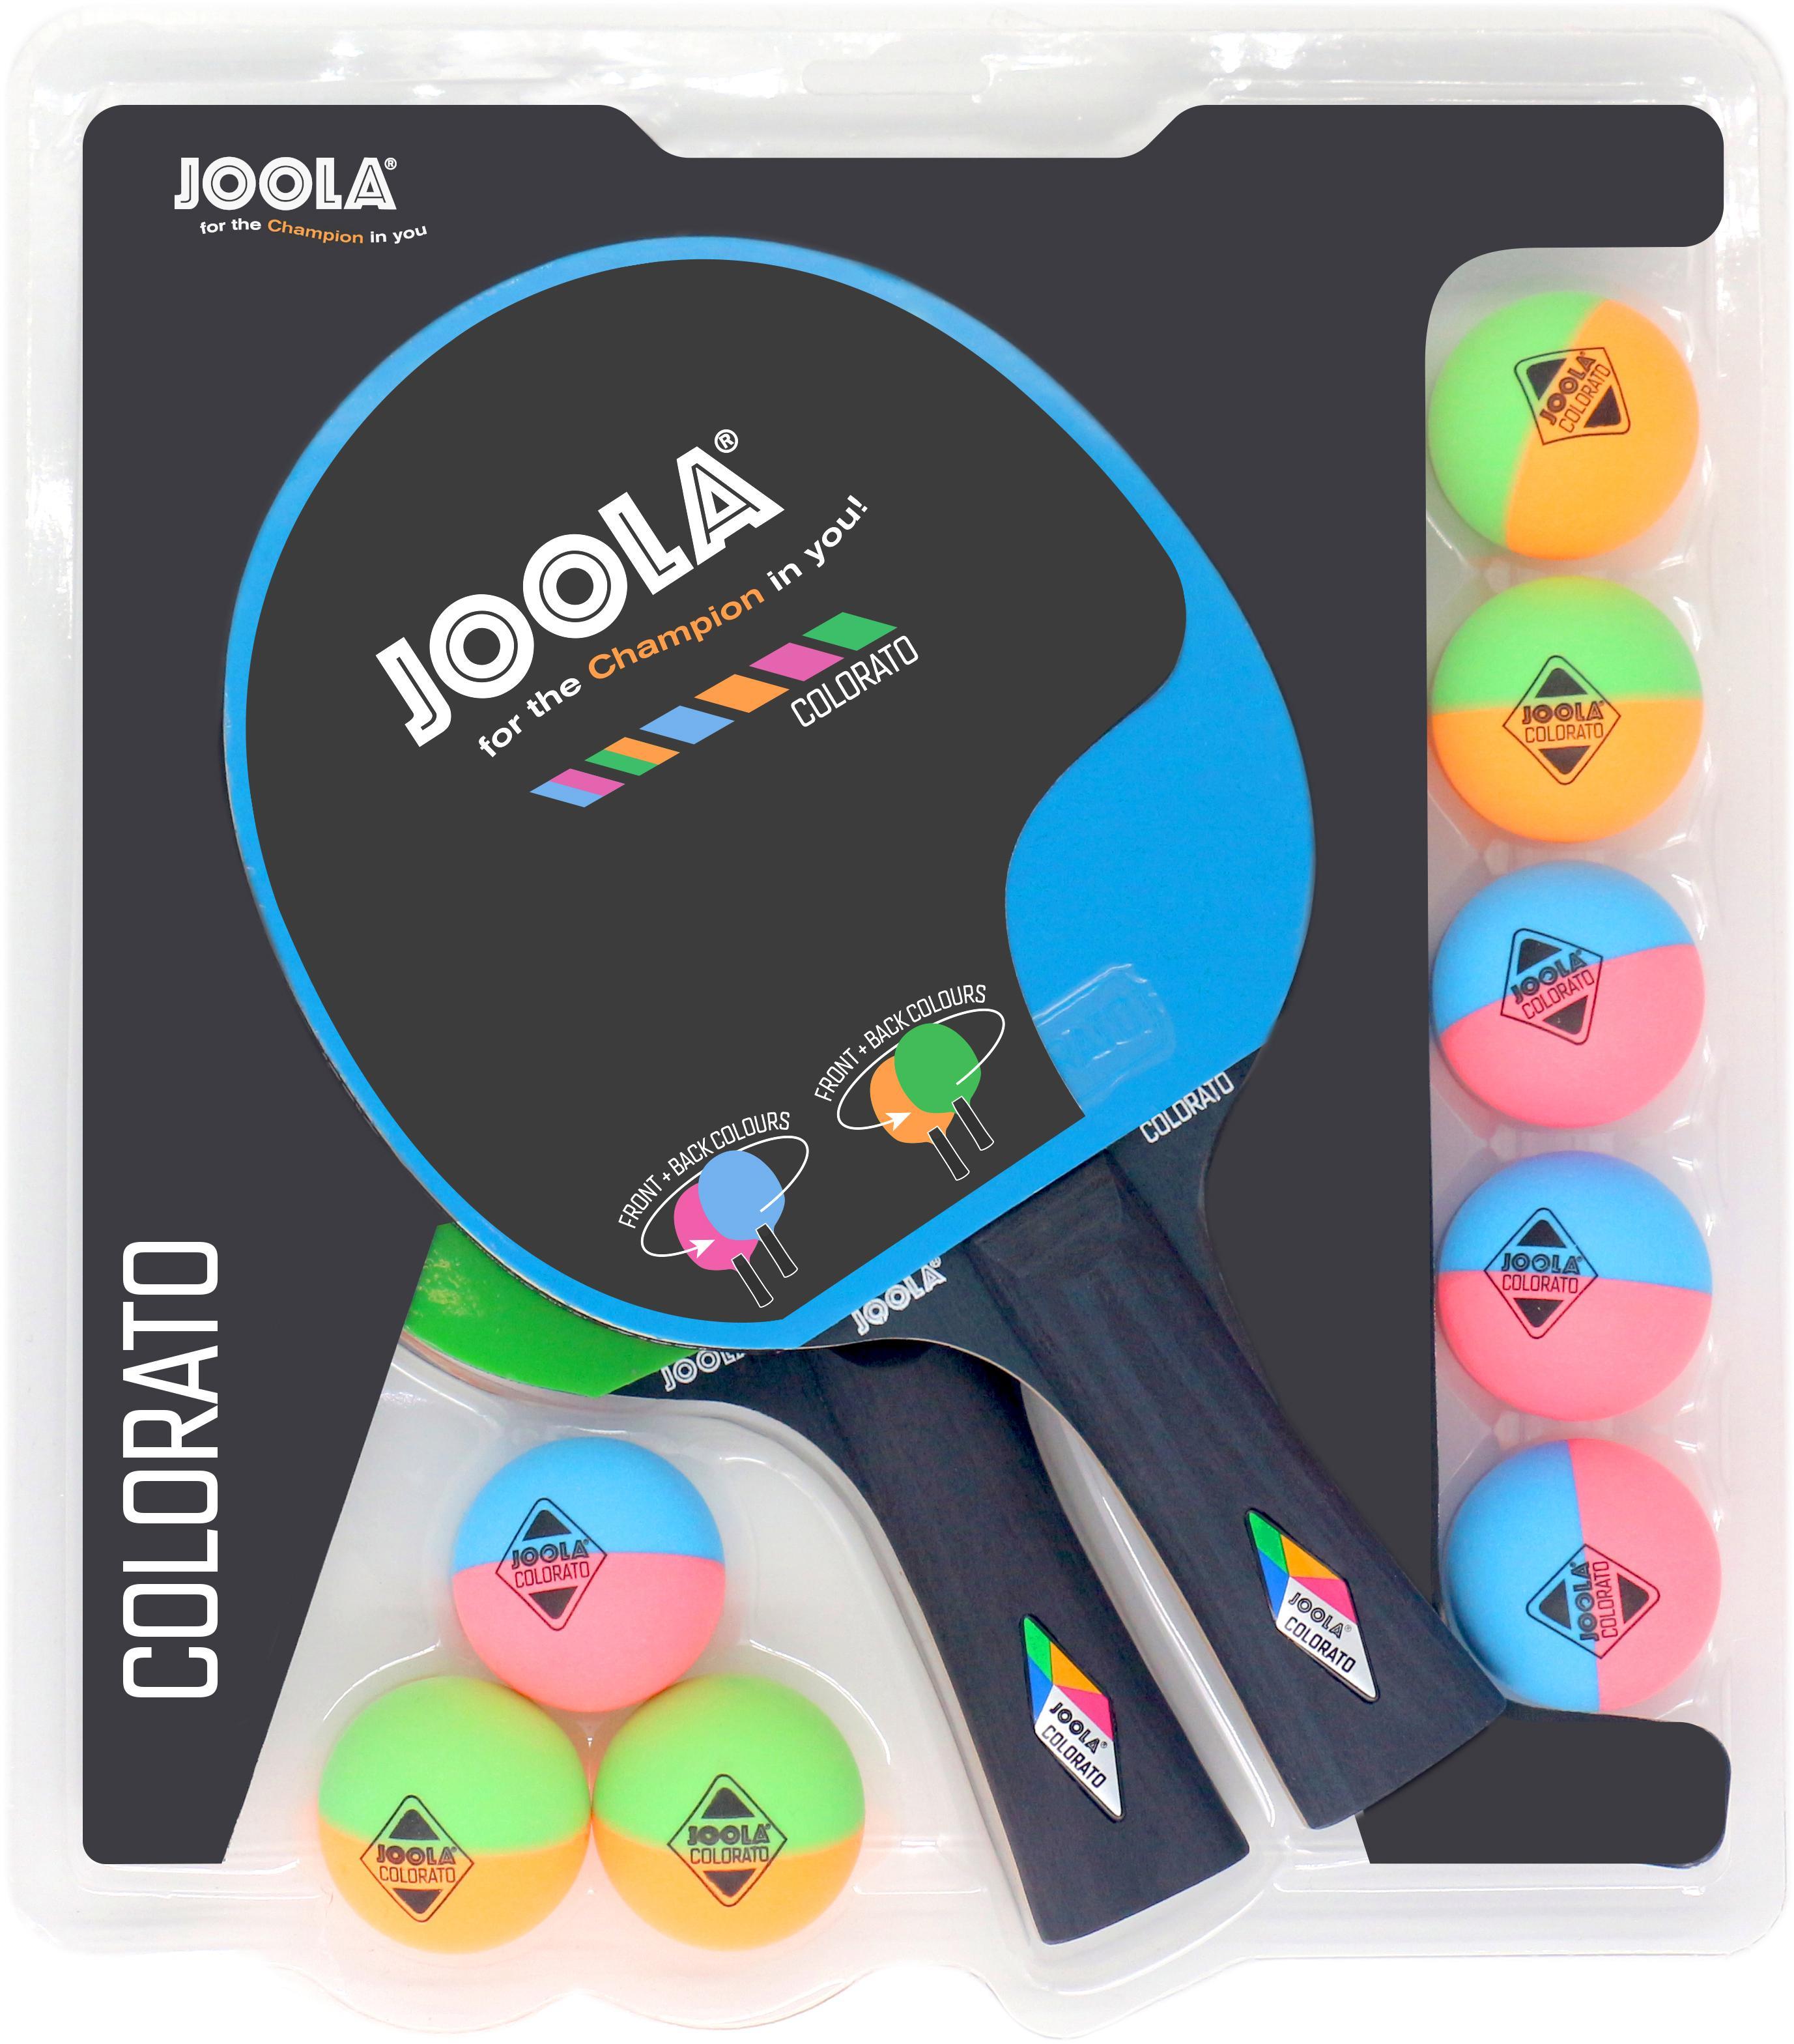 Joola Tischtennisschläger Tischtennisschlägerset-Colorato (Set, 10-tlg.) bunt Schläger Sportausrüstung Accessoires